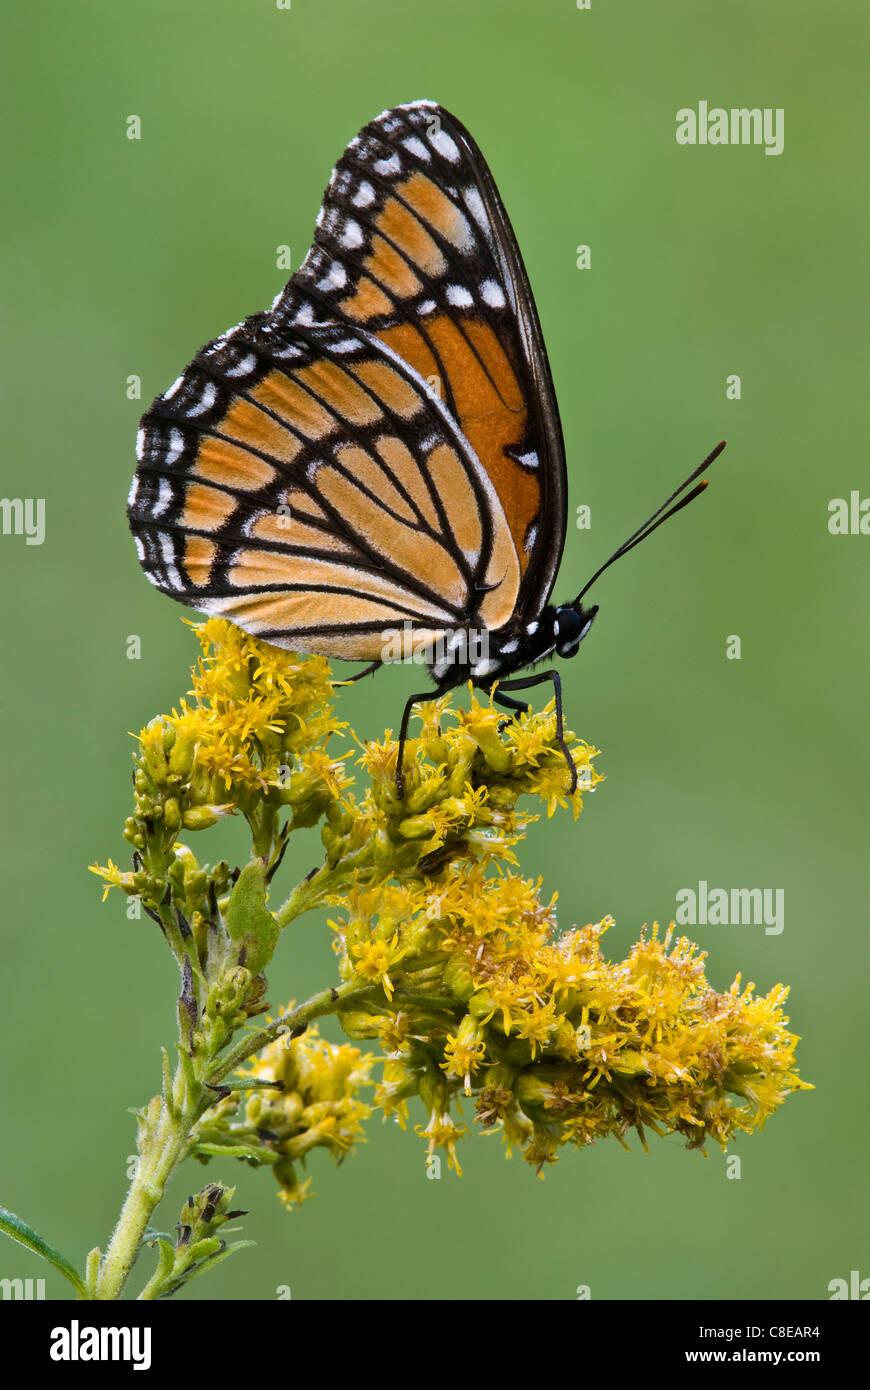 La mariposa virrey (Limenitis archippus) en Goldenrod Solidago (SPS), a finales de verano, principios de otoño, E EE.UU., por omitir Moody/Dembinsky Foto Assoc Foto de stock